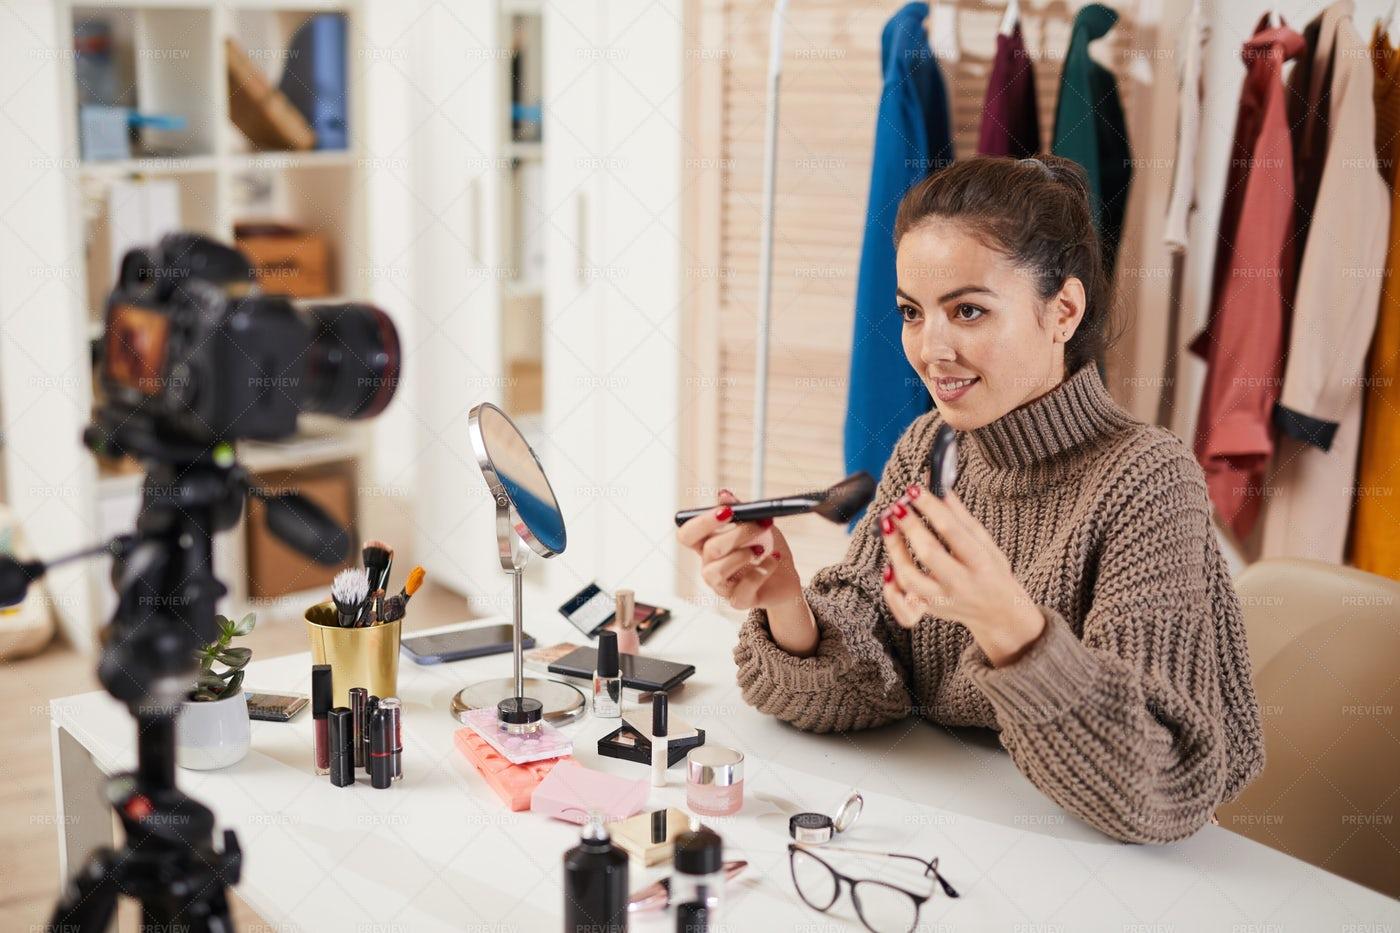 Young Woman Recording Makeup...: Stock Photos